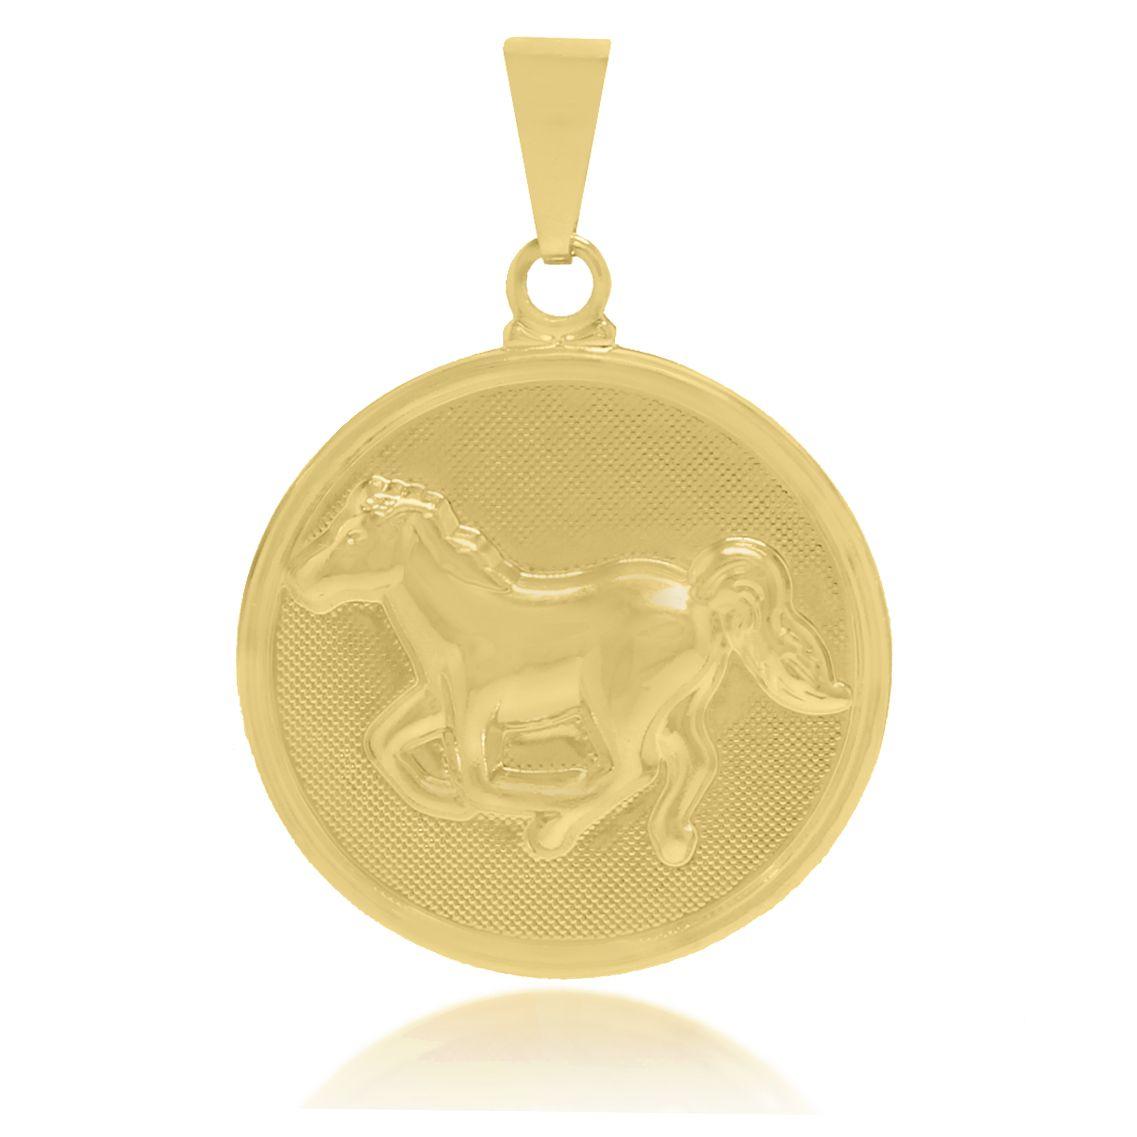 Pingente Medalha Cavalo Folheado a Ouro 18k